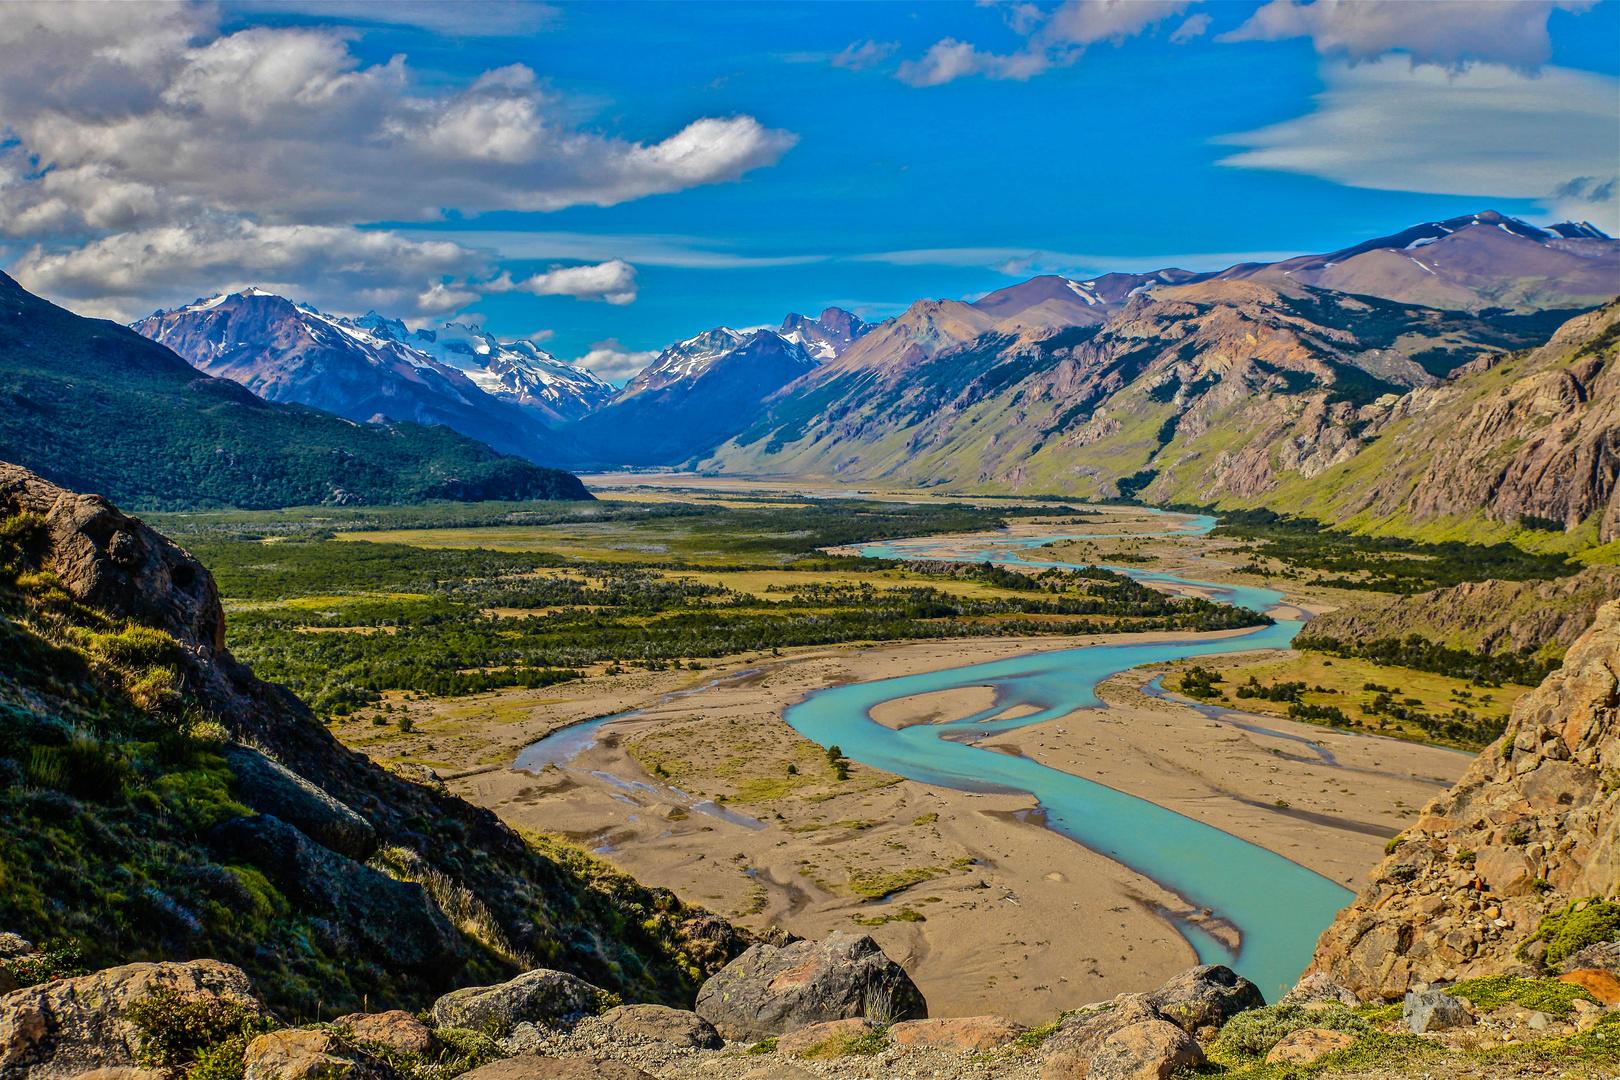 Einsames Tal in Patagonien